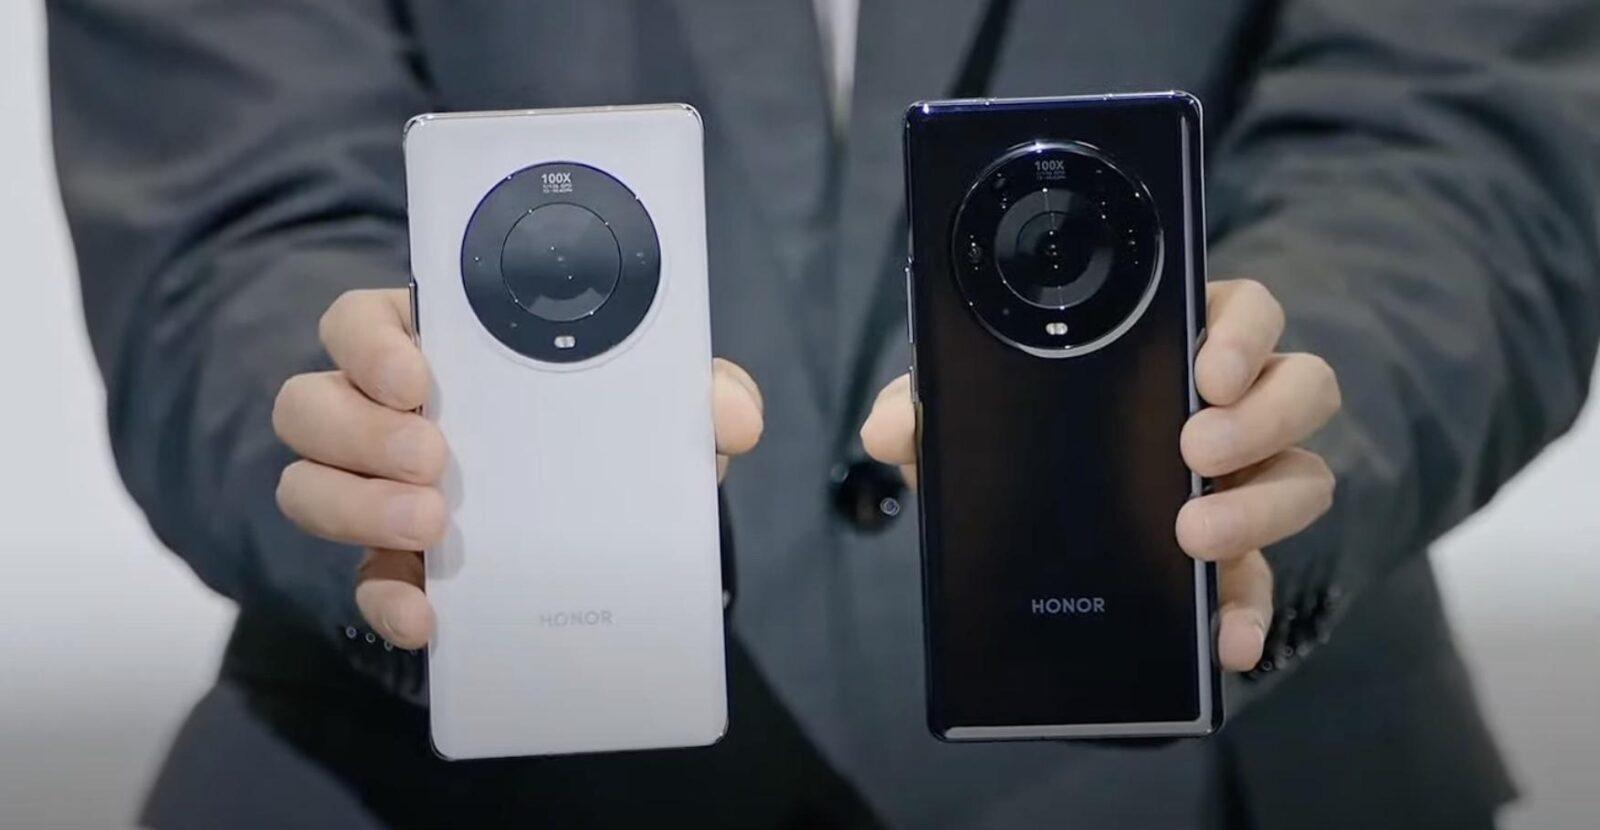 Компания Honor представила новые флагманские смартфоны Honor Magic3 (528ecd9fca4d8d88a4e31f761a66c4834549e191)